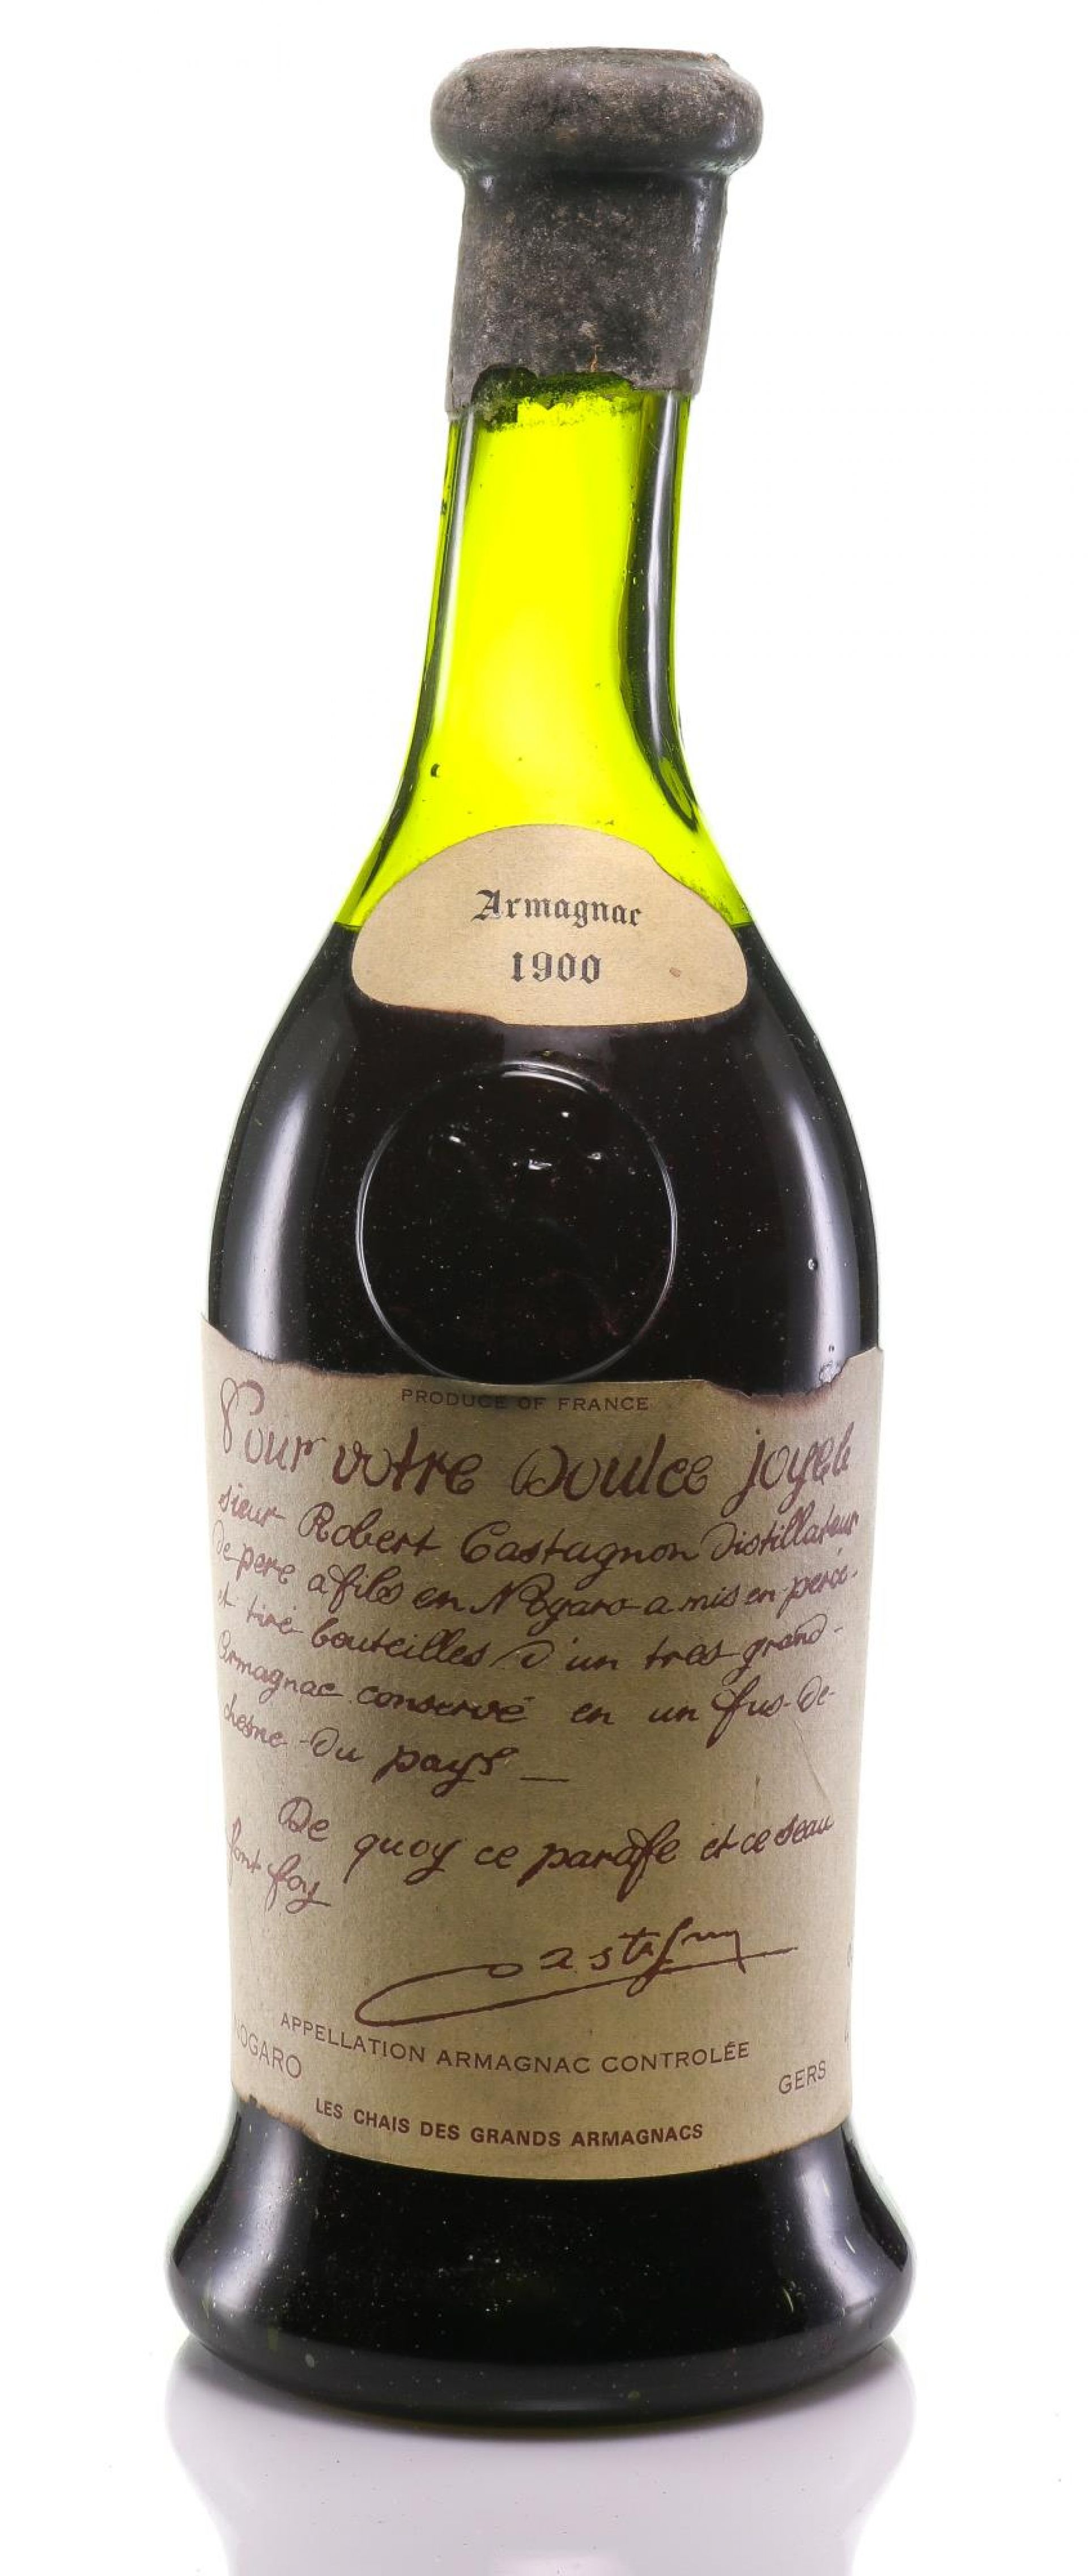 Armagnac 1900 Castagnon